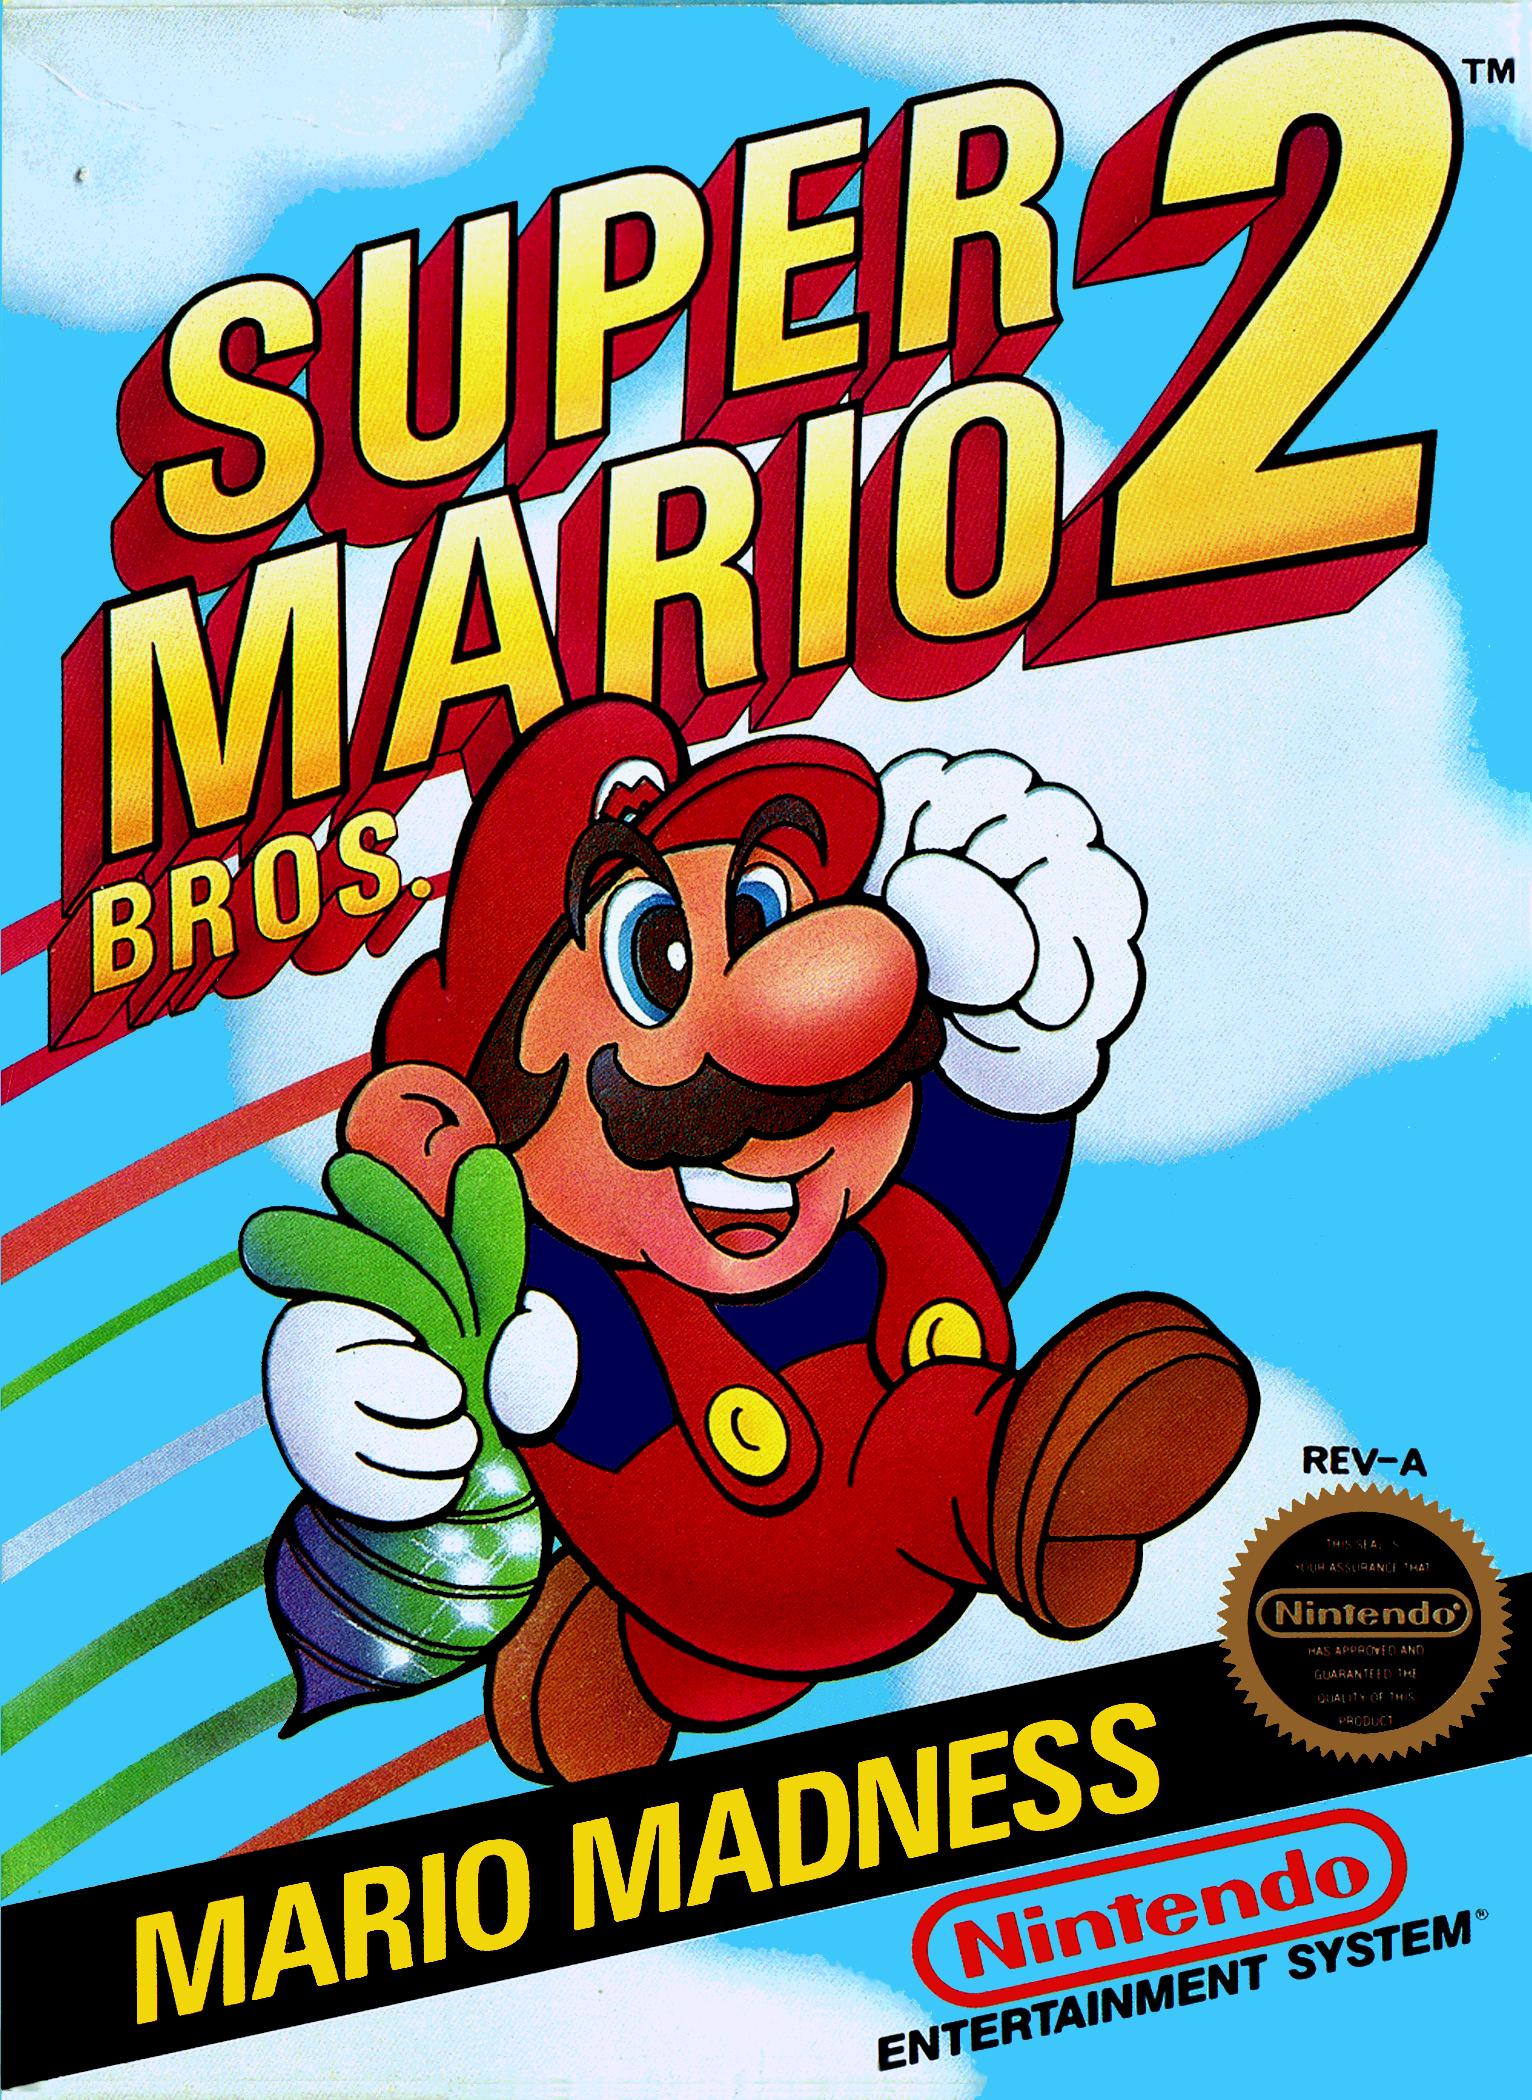 Game boy color super mario bros deluxe - Super Mario Bros